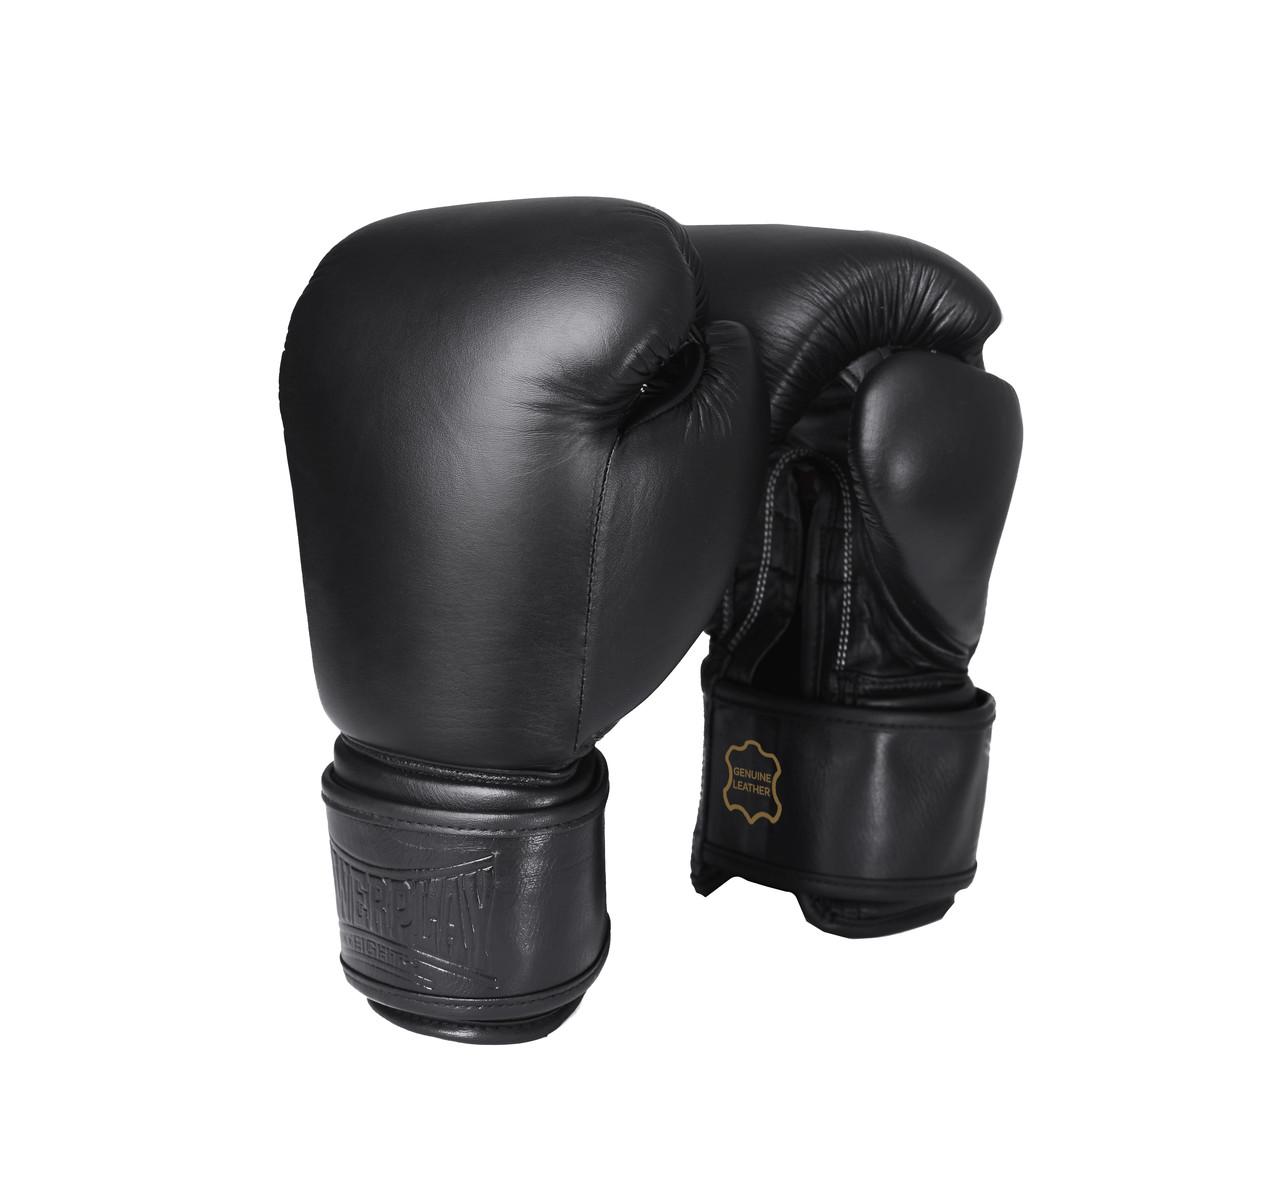 Боксерские перчатки PowerPlay 3014 черные (кожа) 10 унций